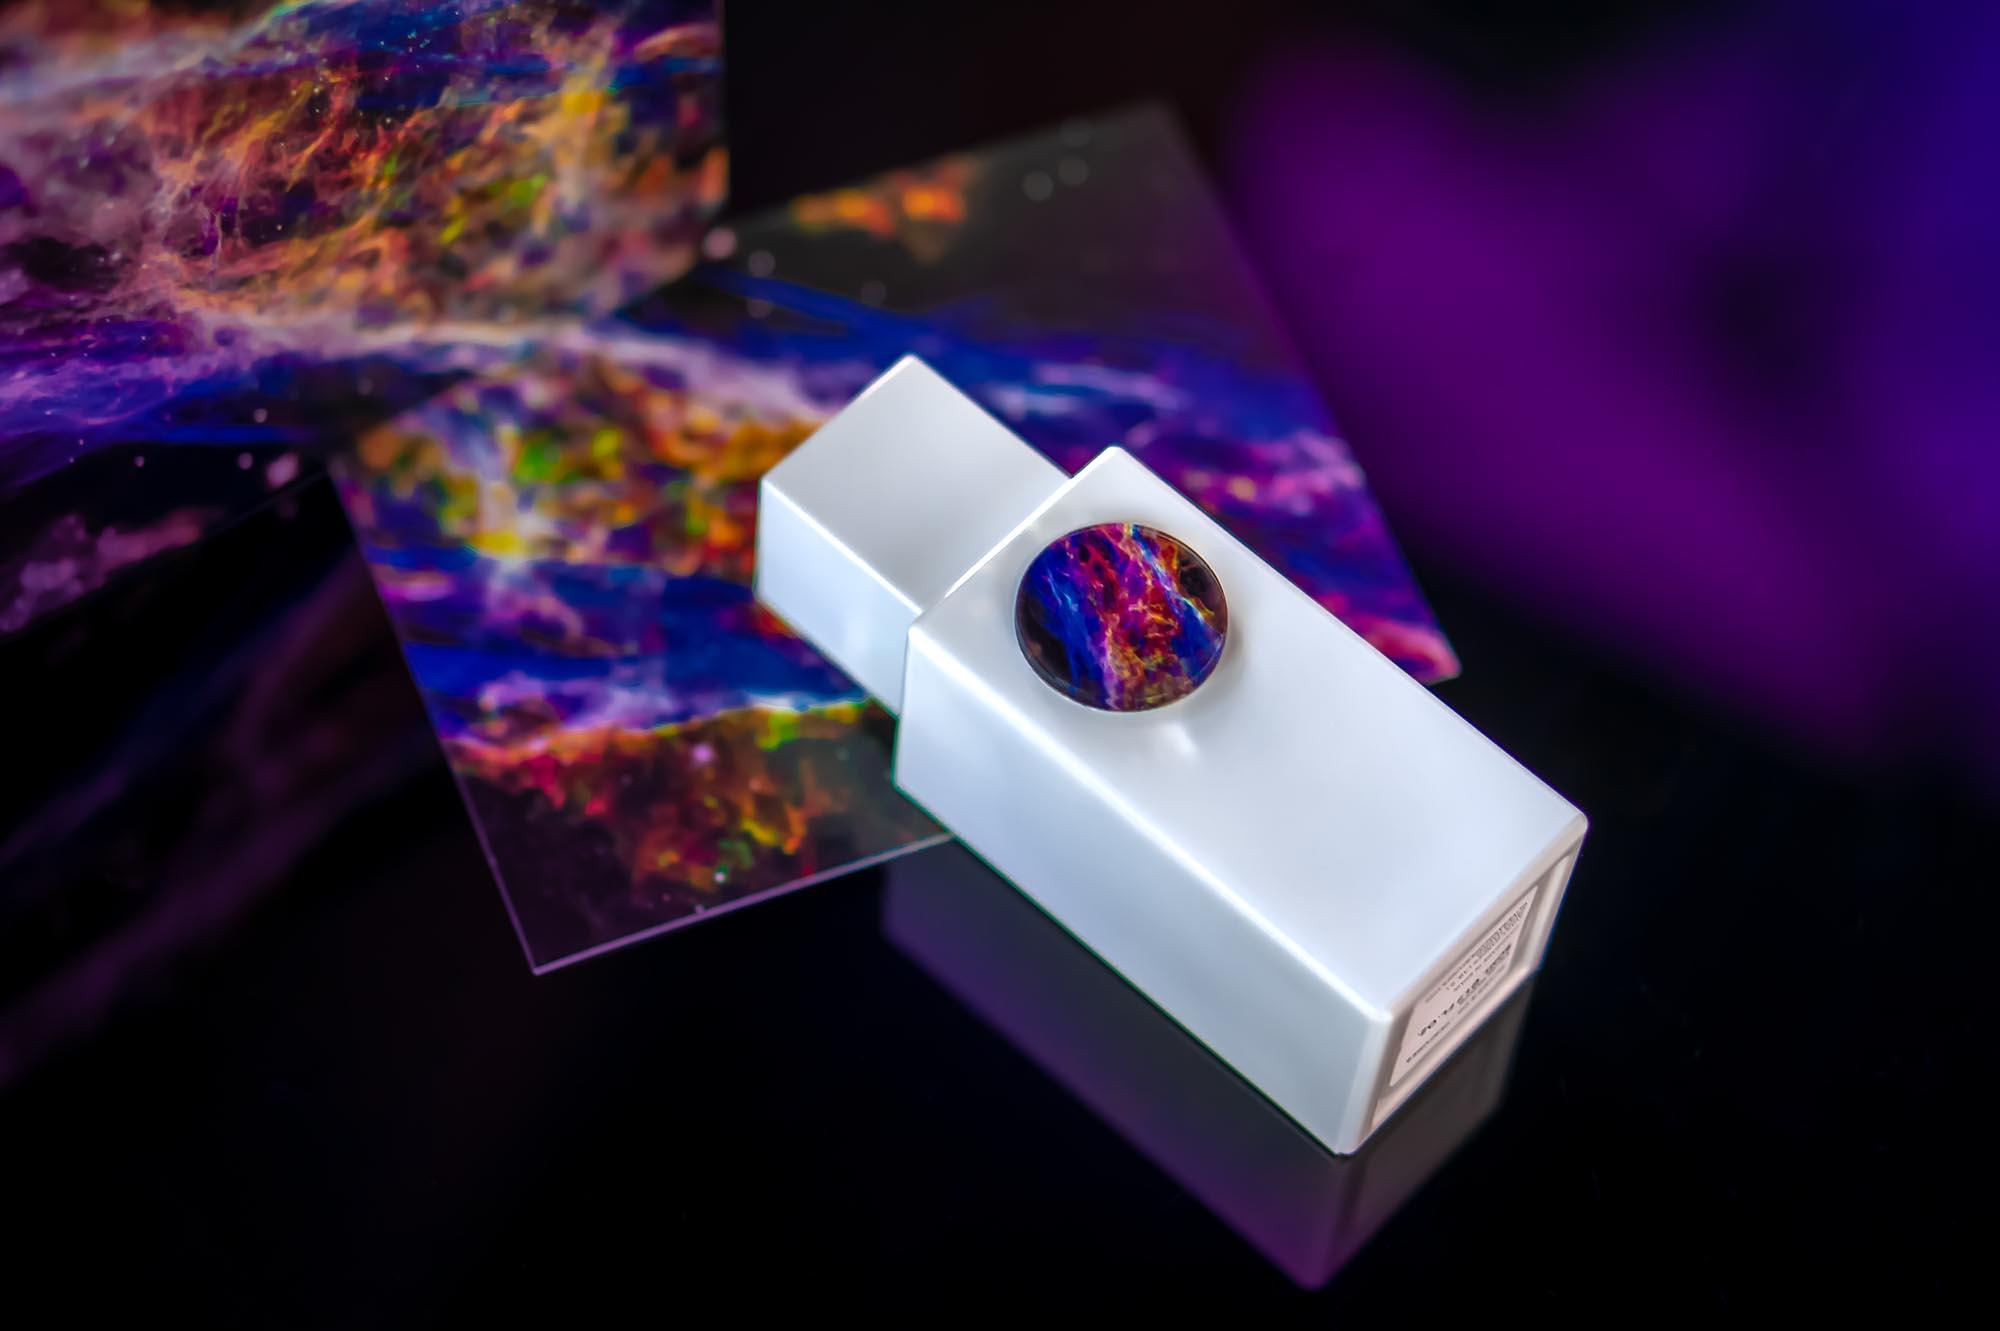 Парфюм из далёкого космического будущего: VEIL Oliver & Co. Perfumes